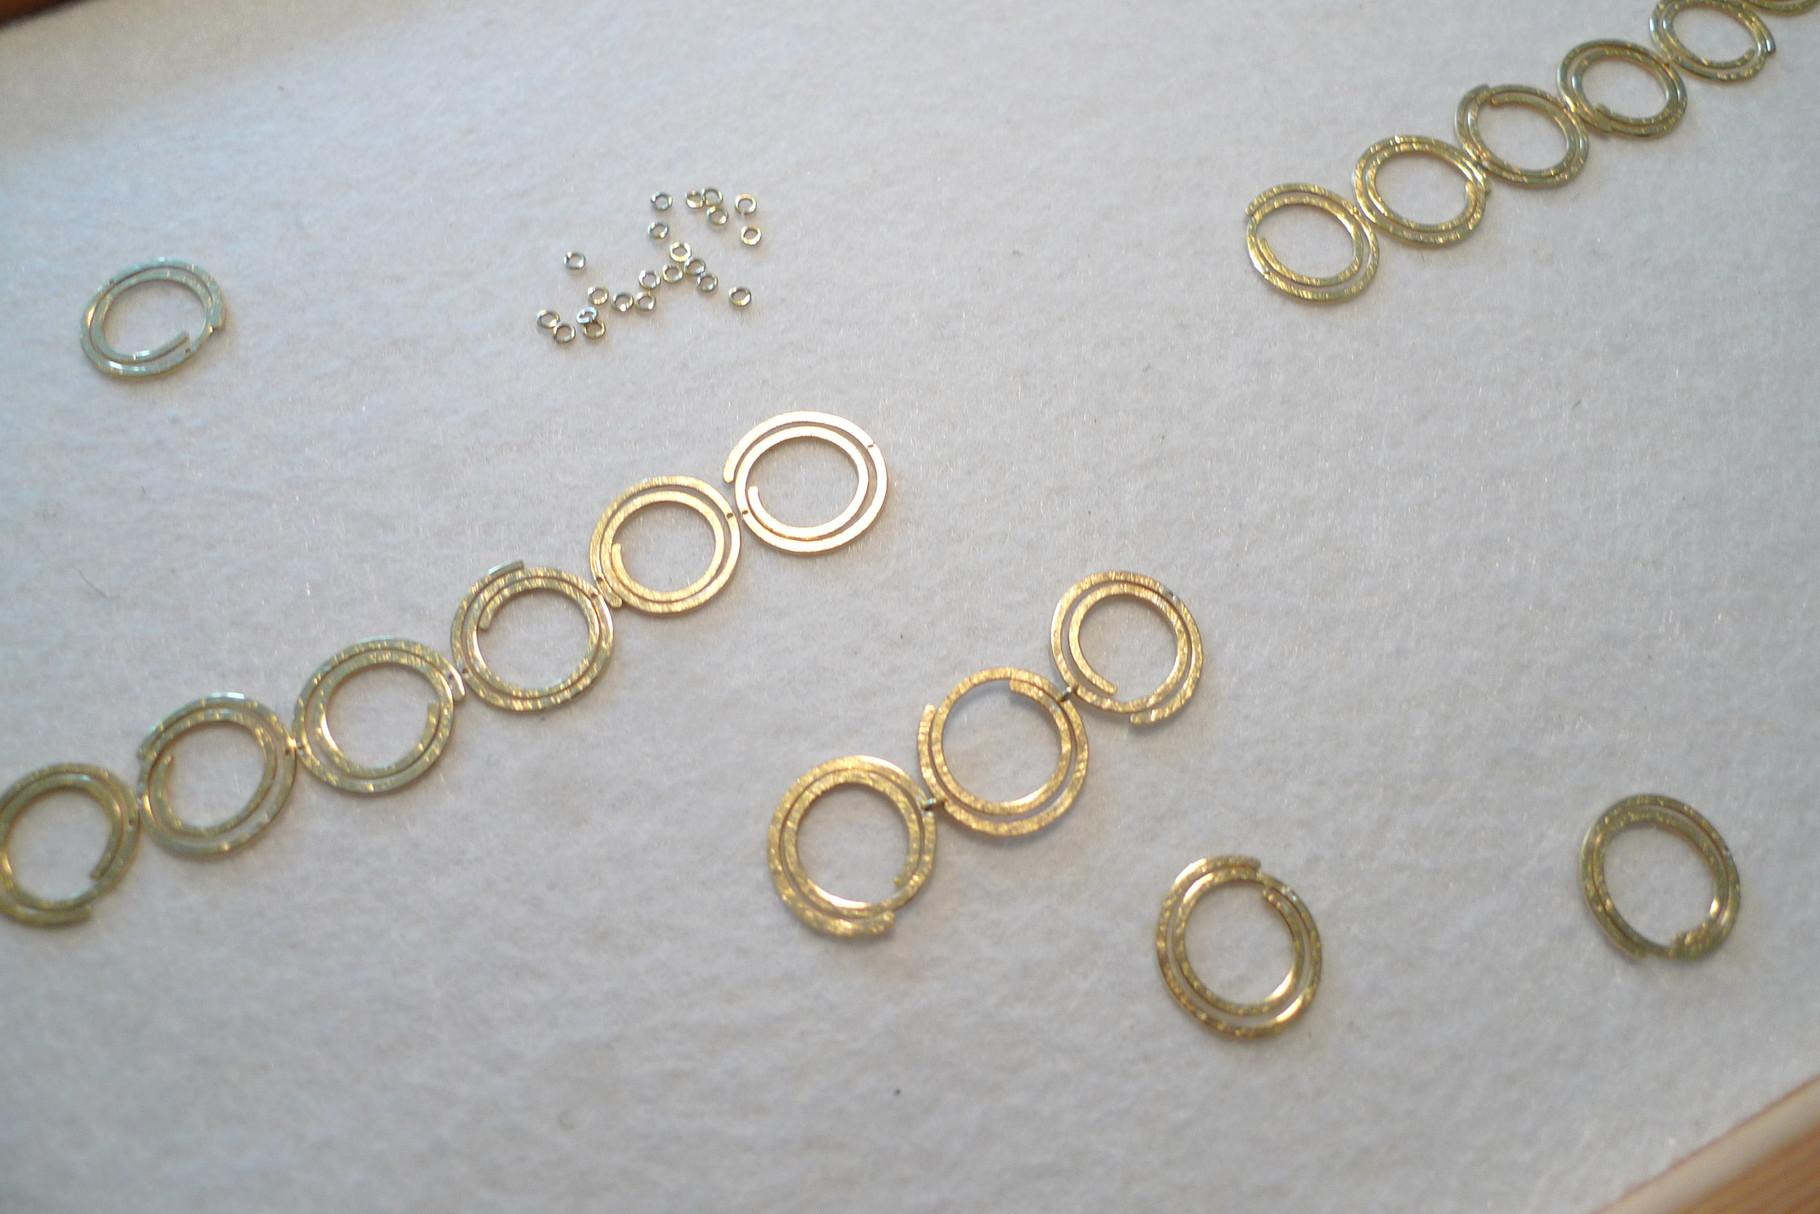 Die Elemente werden mit einer kleine Öse verbunden und dann vergoldet.